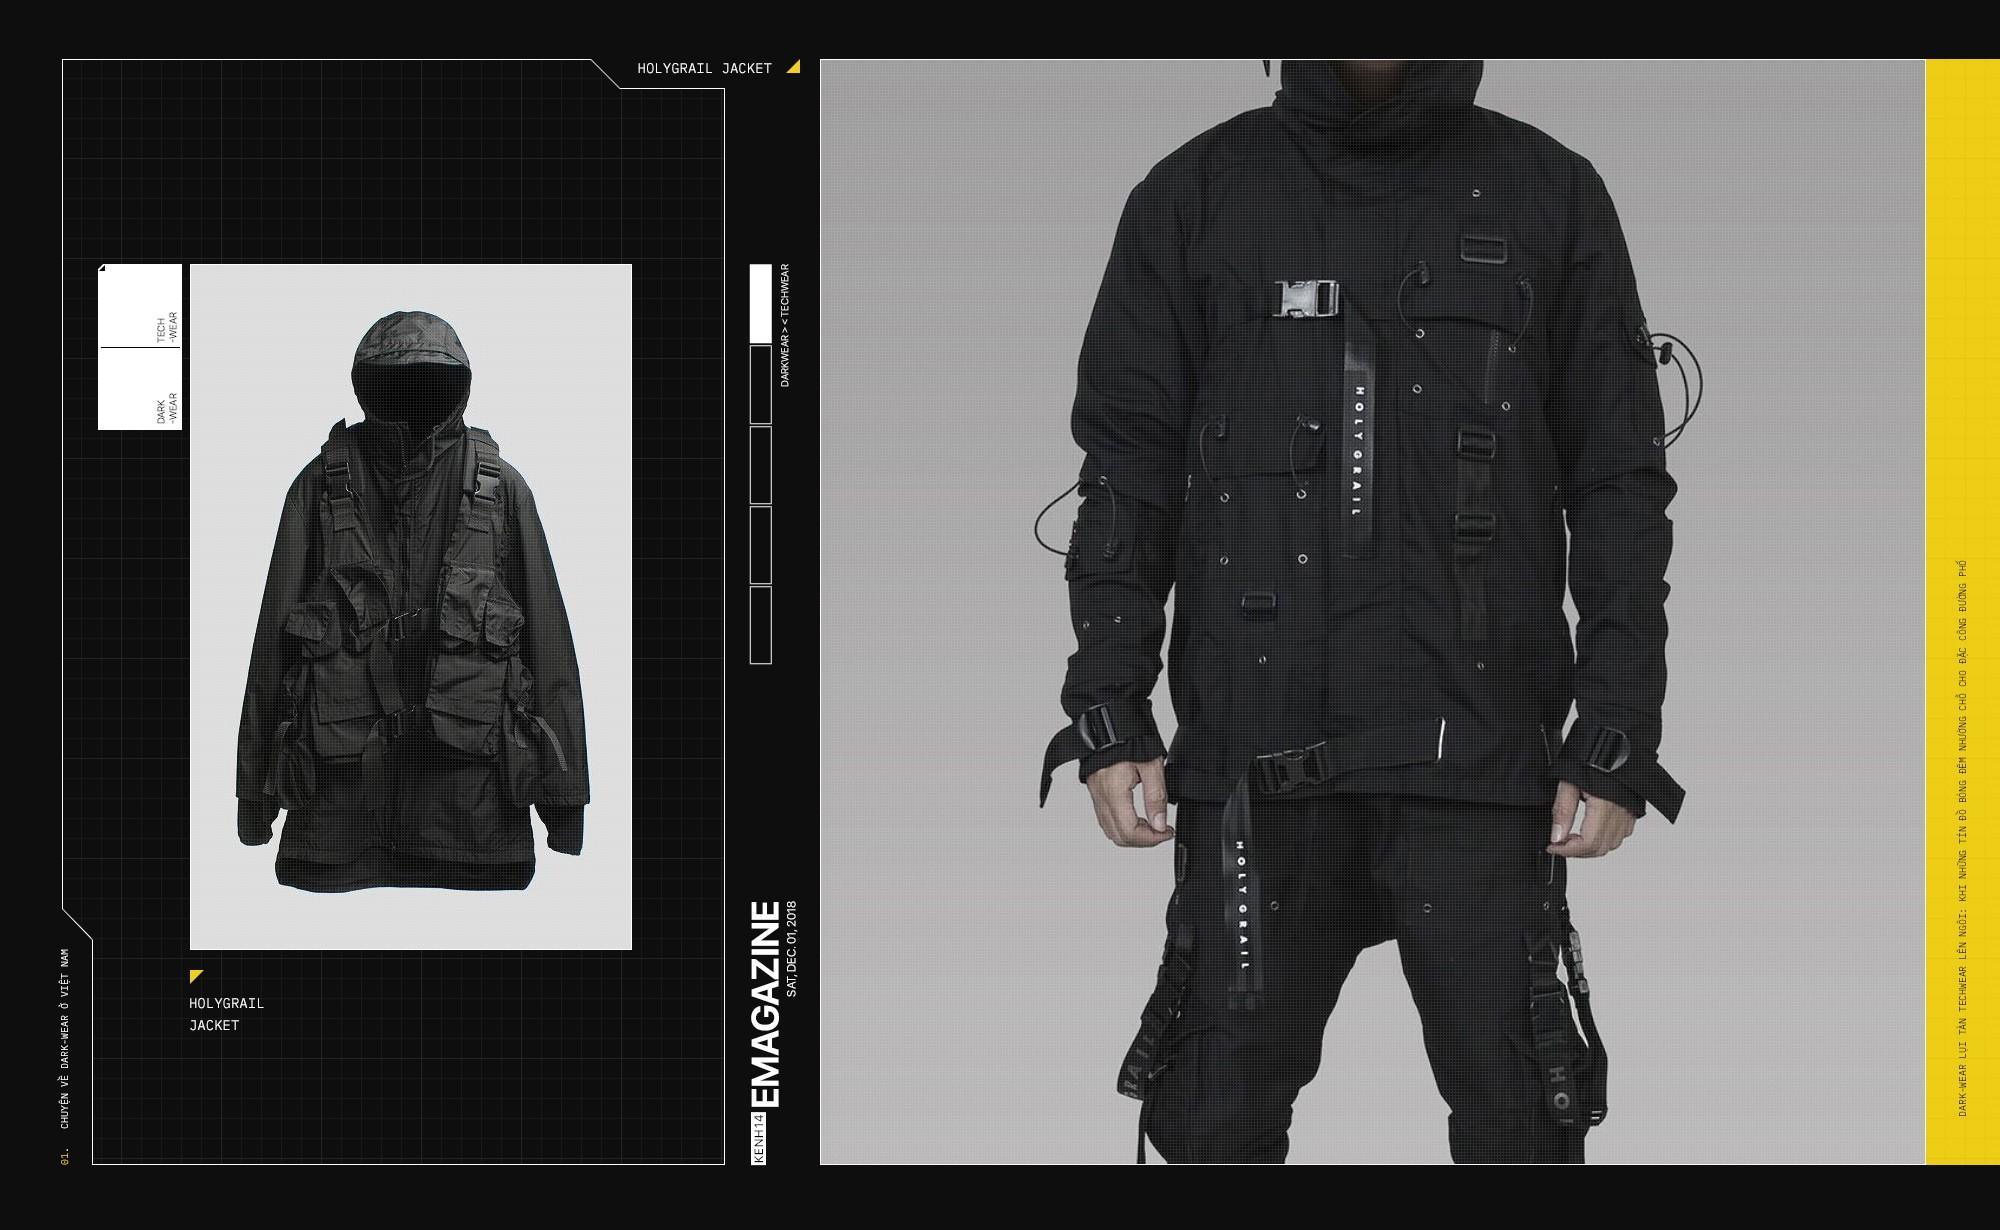 Dark-wear lụi tàn, Techwear lên ngôi: Khi những tín đồ bóng đêm nhường chỗ cho đặc công đường phố - Ảnh 5.